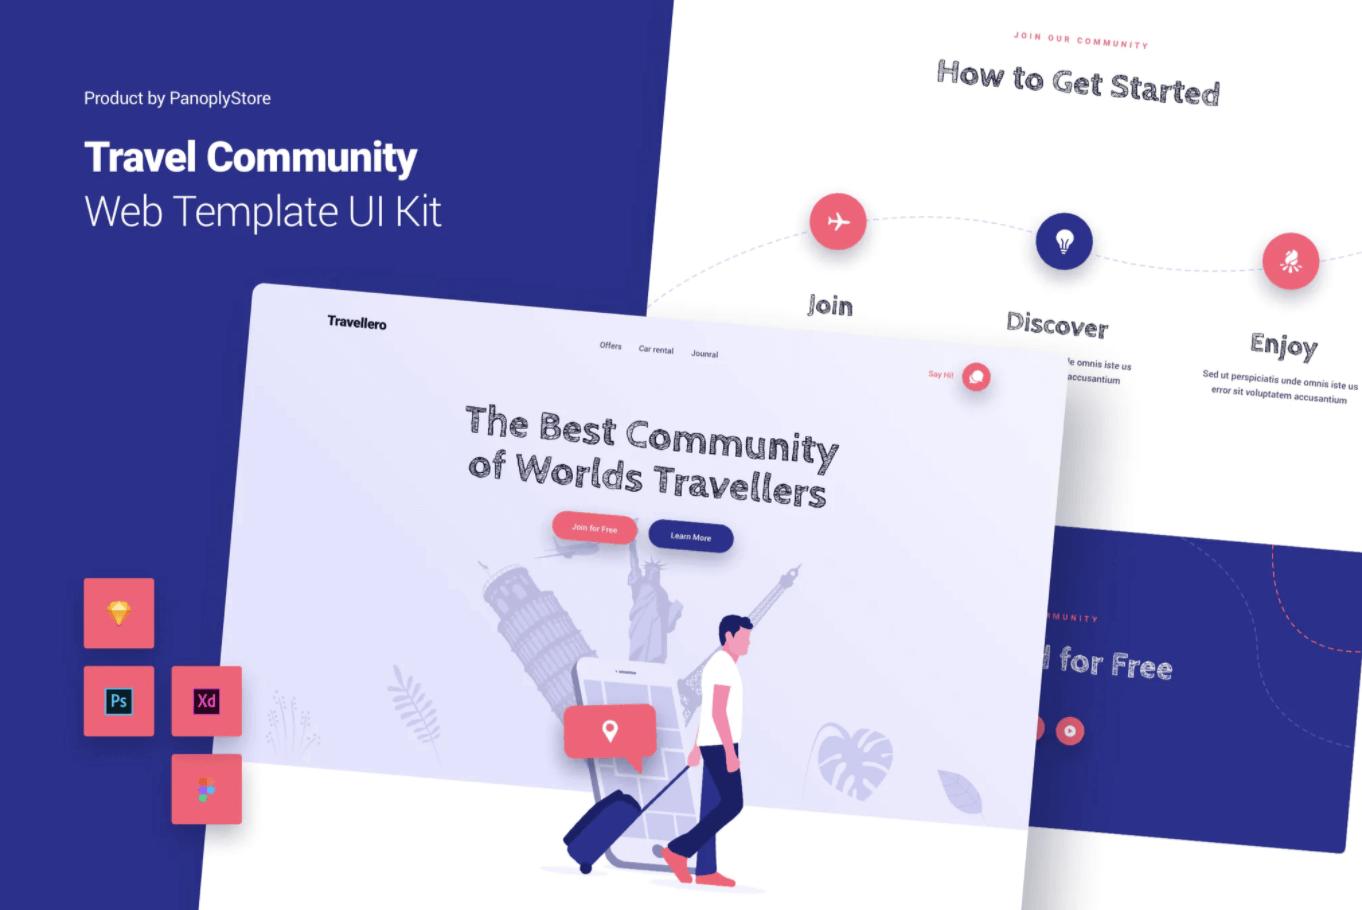 旅游社区Web模板主题UI套件